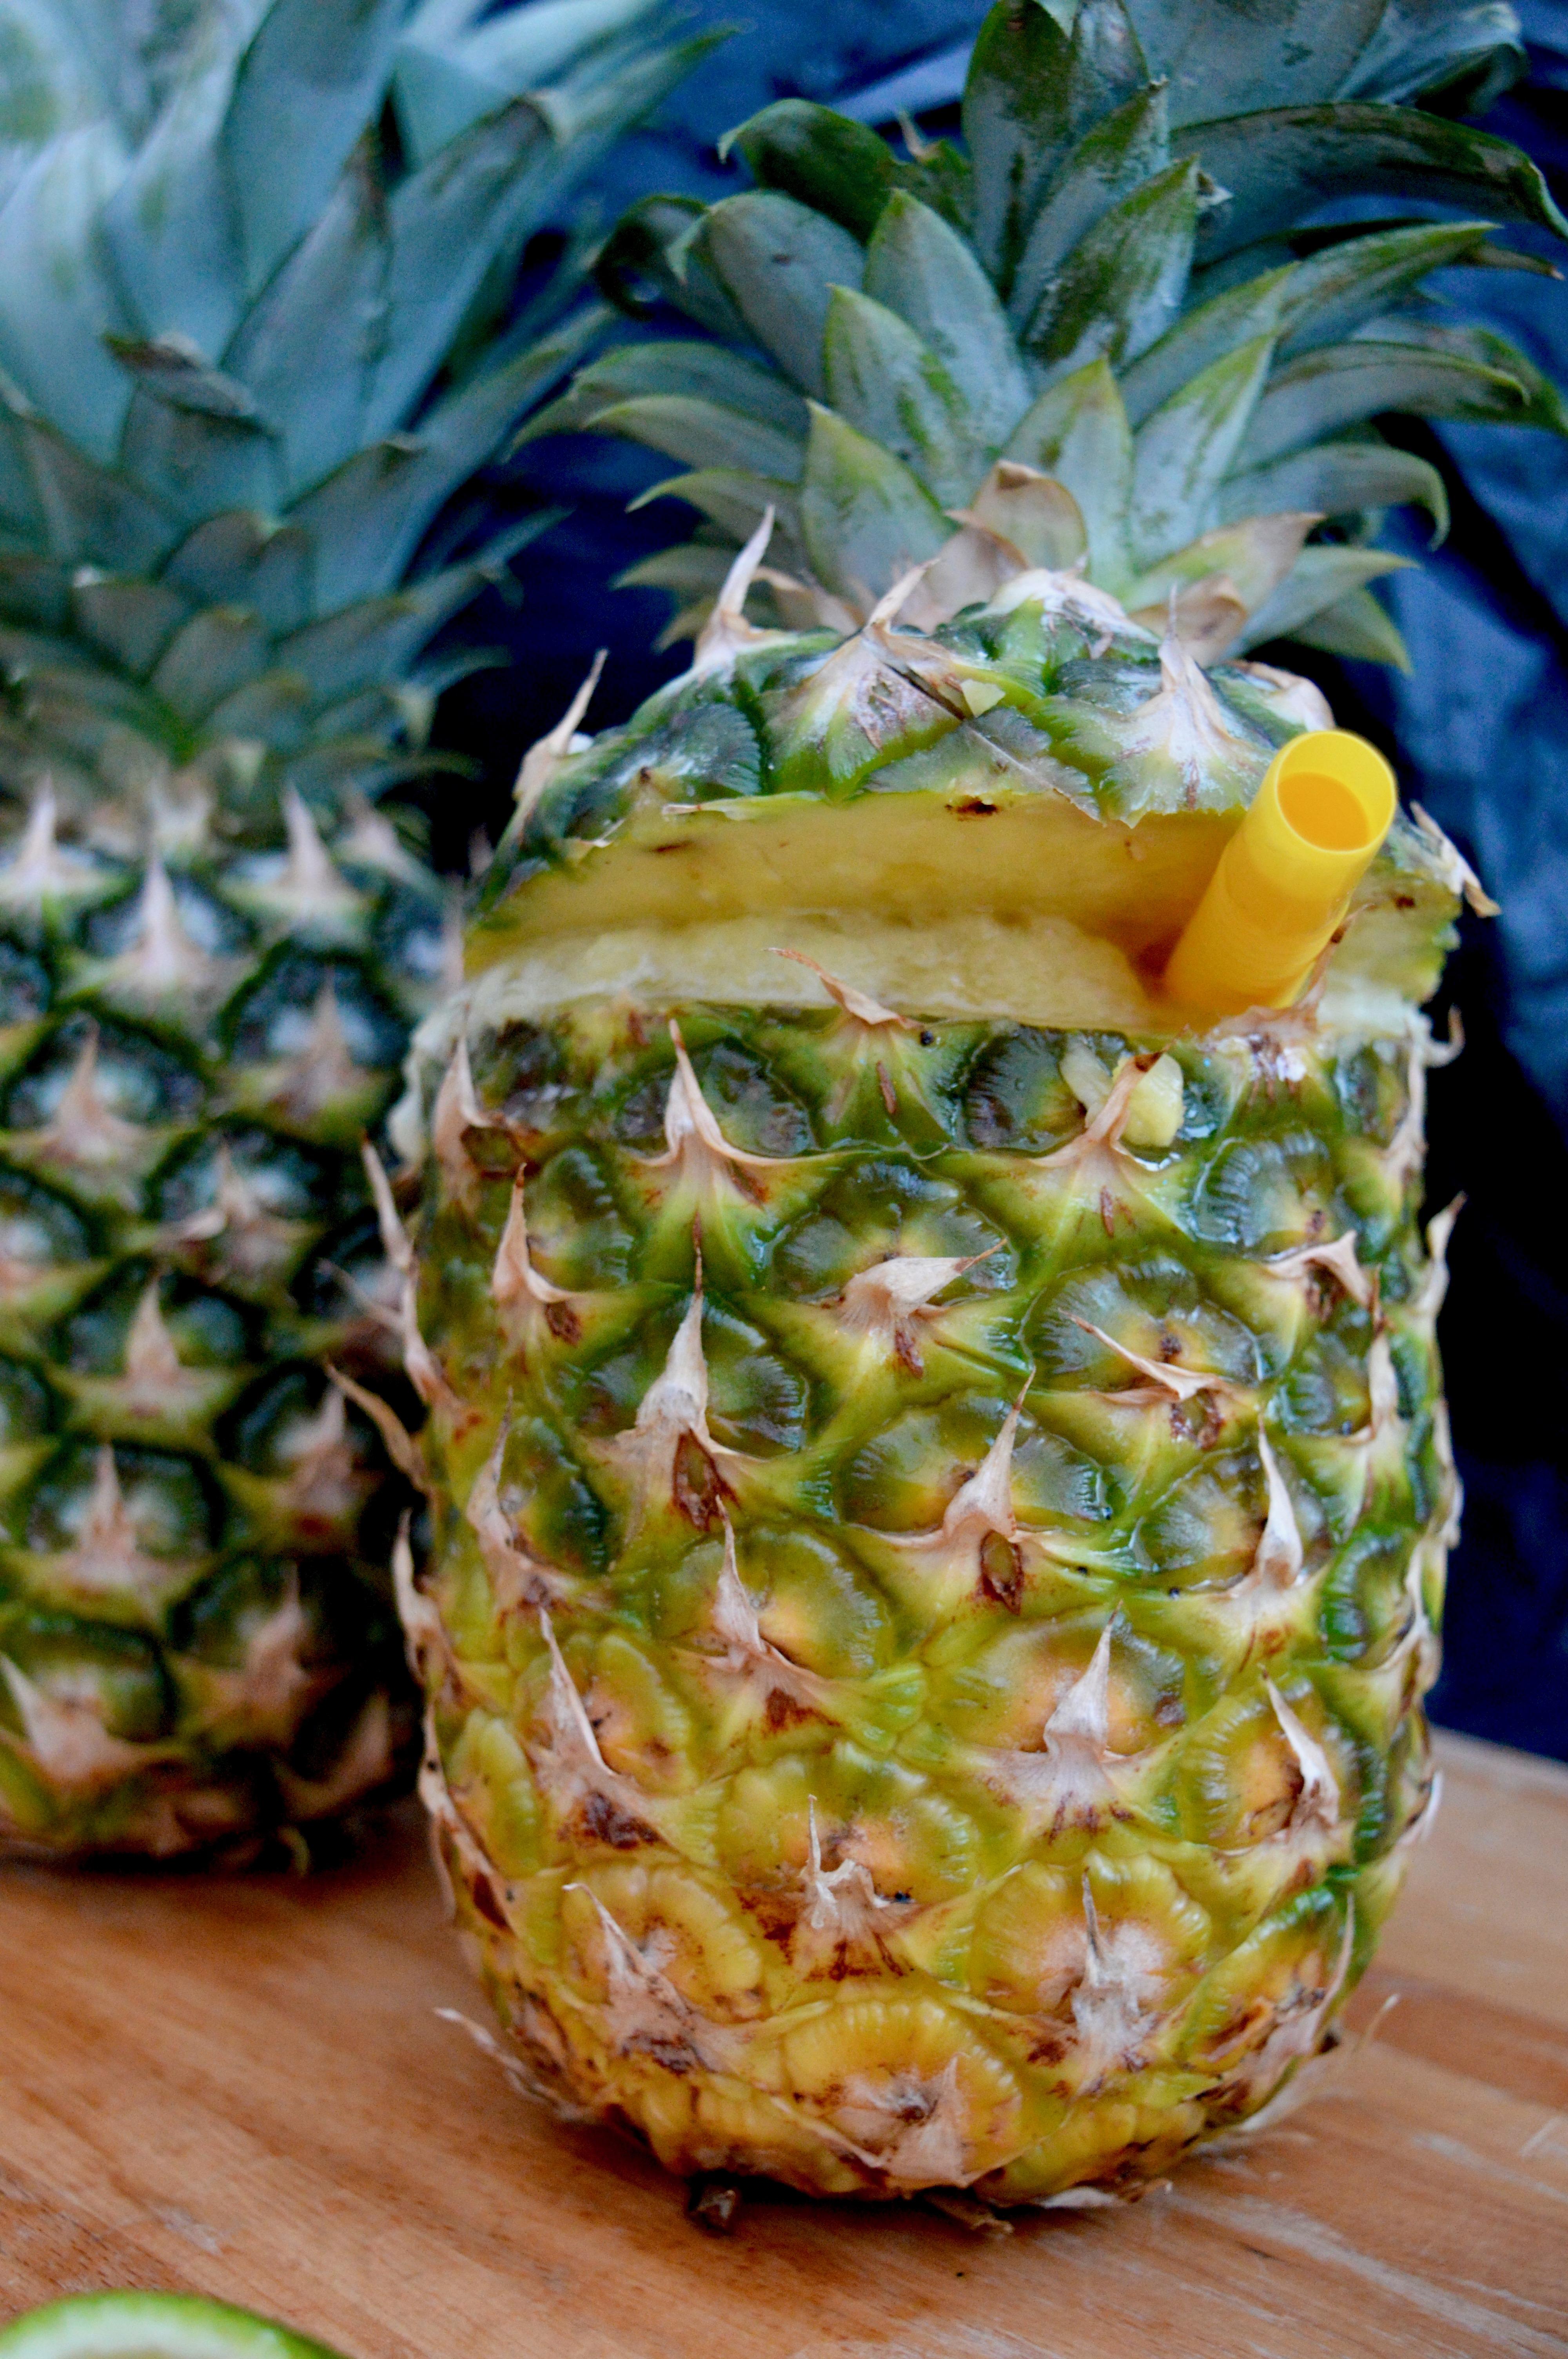 copper-absolut-elyx-frozen-pineapple-daiquari-juicer-elle-blonde-luxury-lifestyle-blog